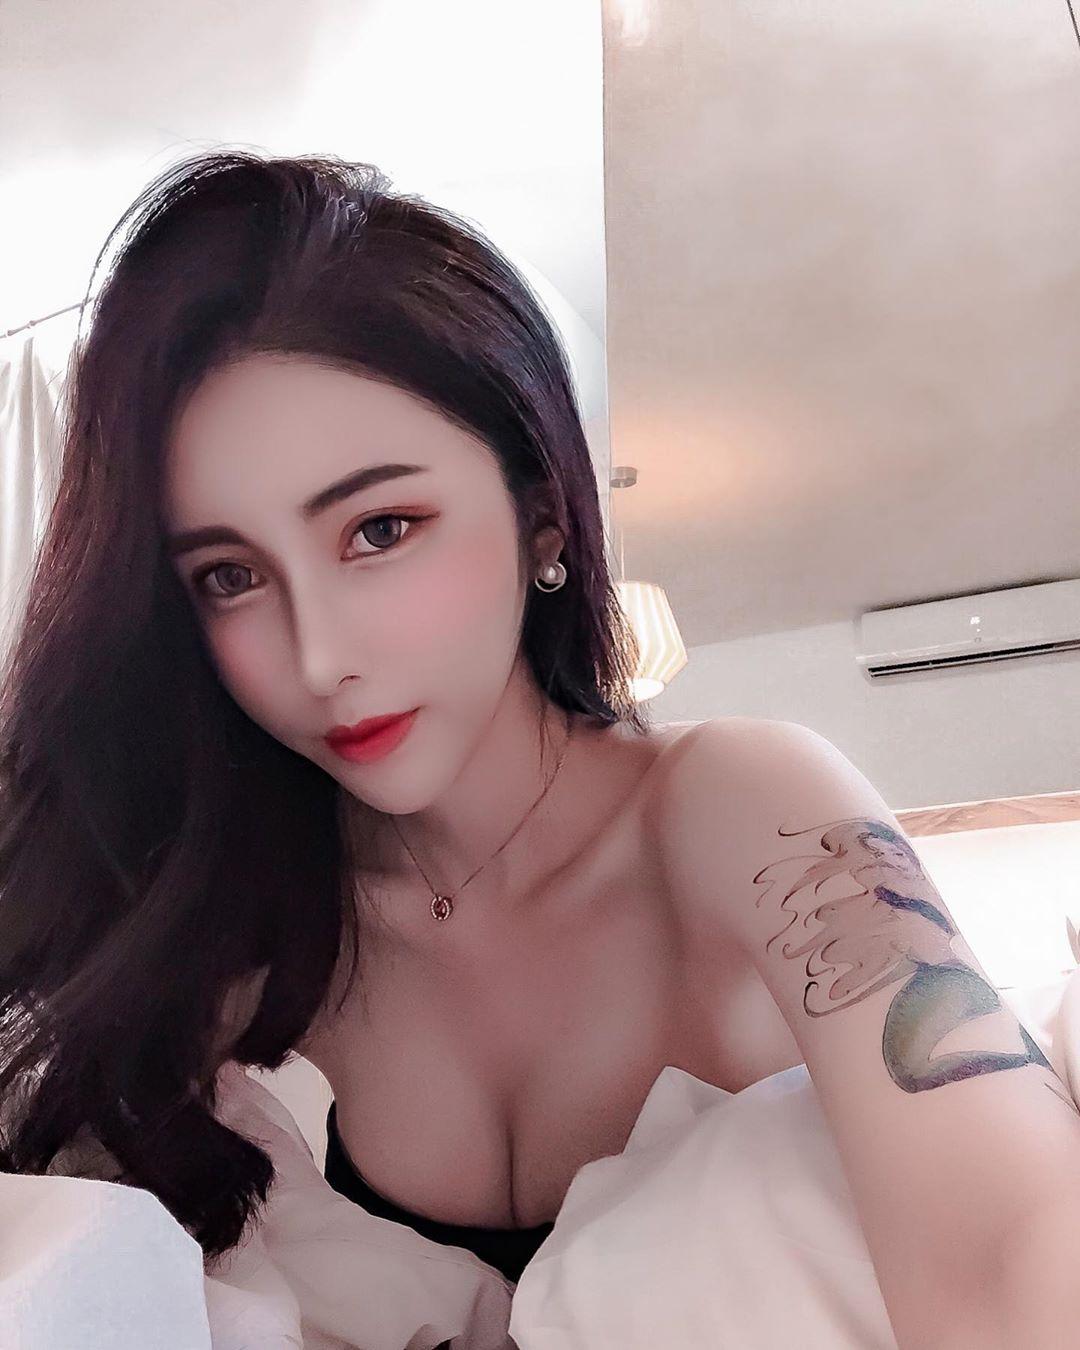 AOvRtmTX o - IG正妹—黃瓊儀